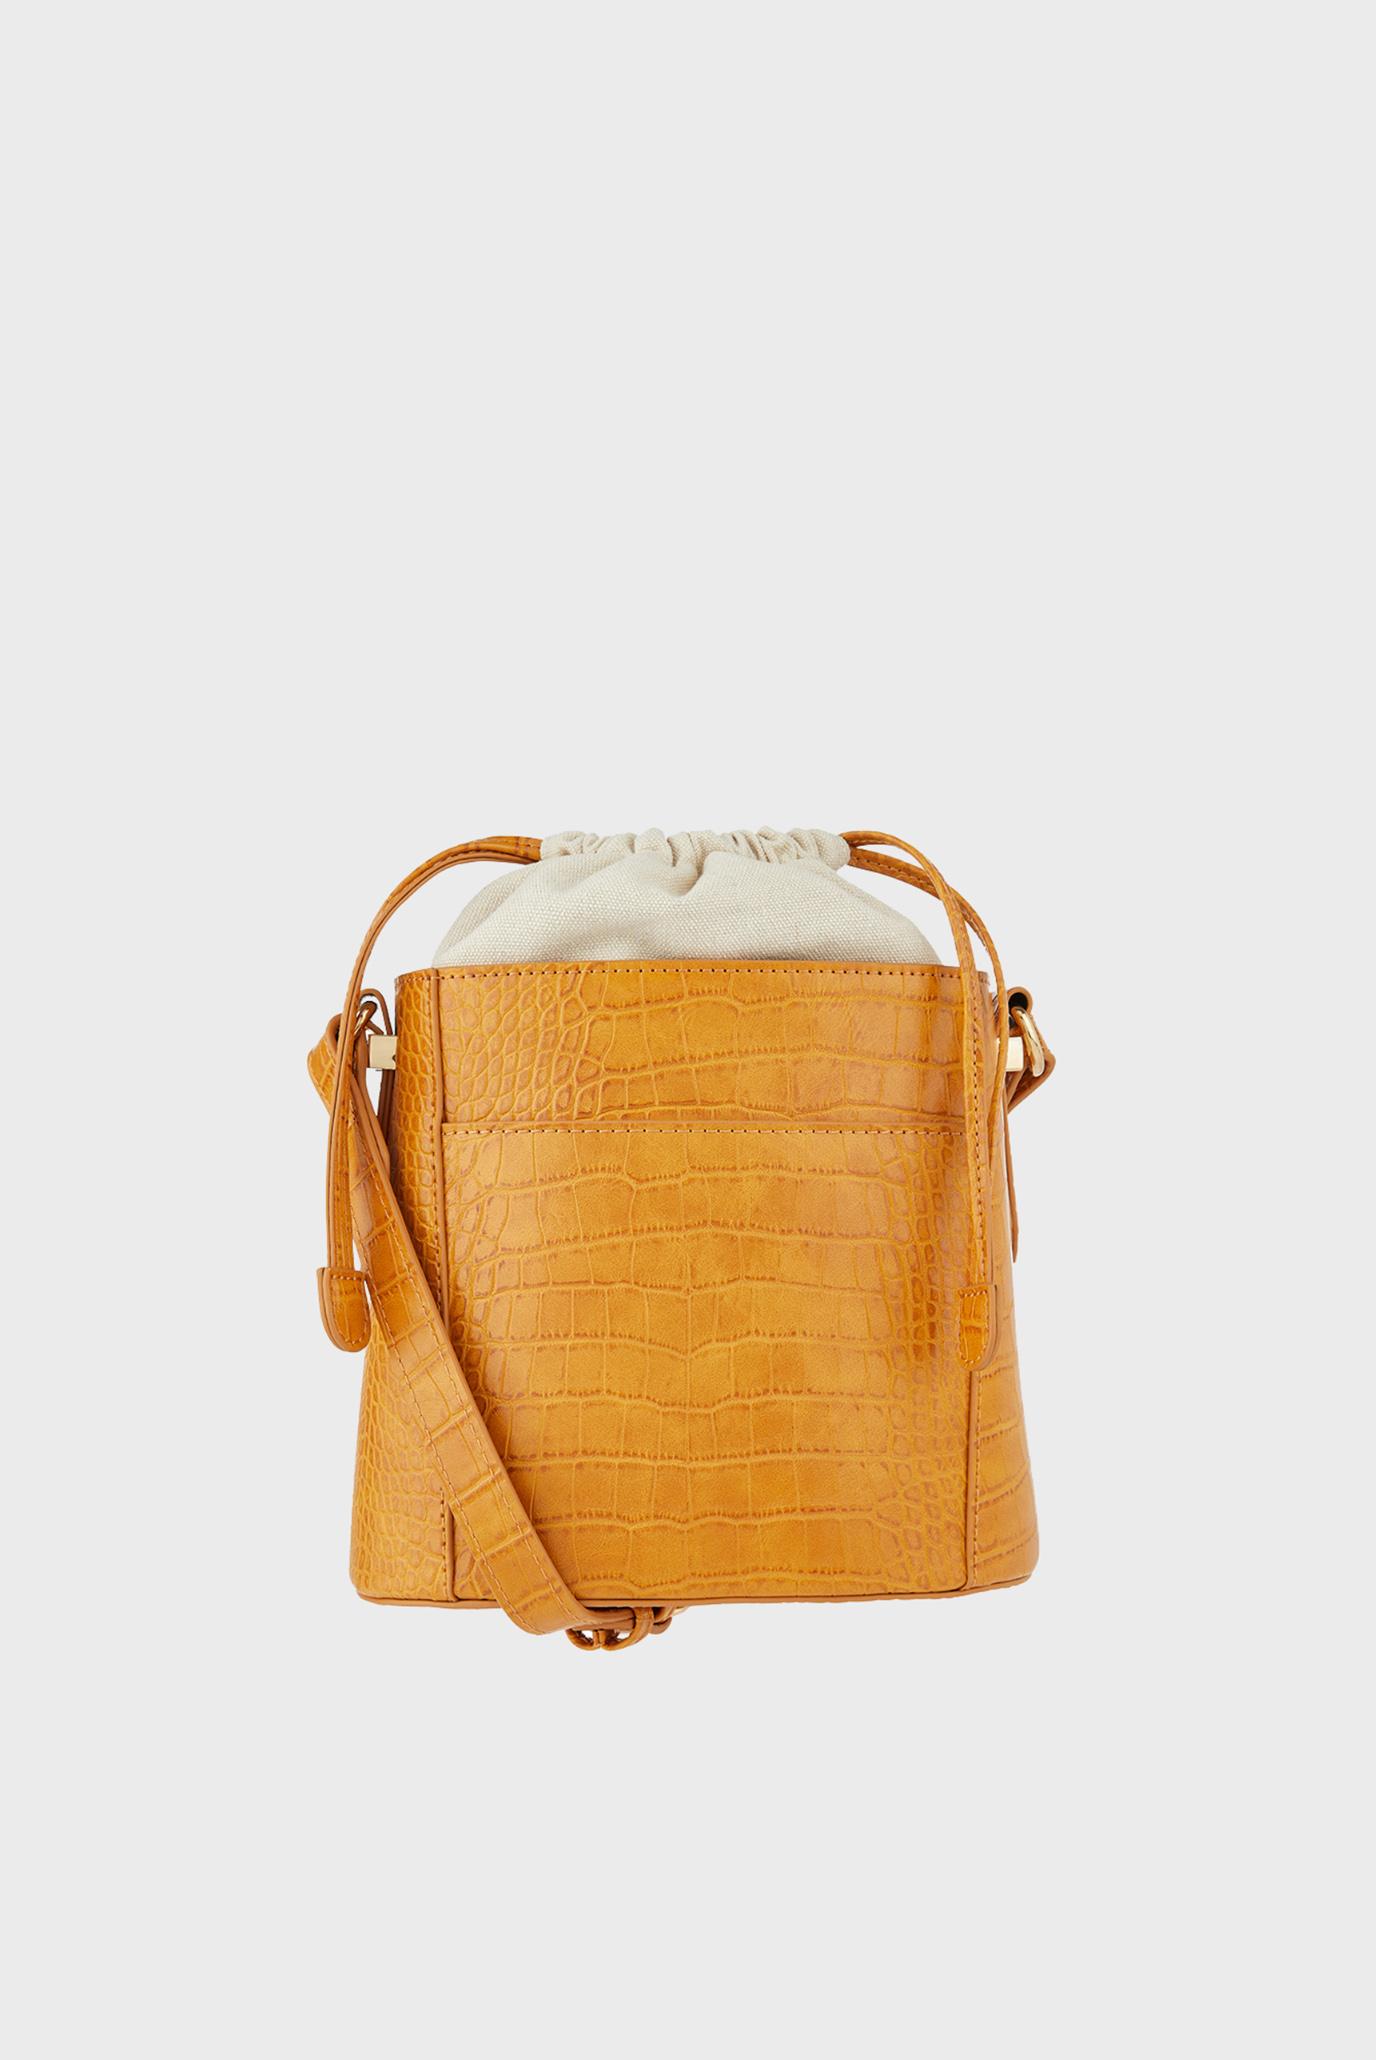 996458f6e76f Купить Женская оранжевая сумка FF CROC OLIVIA BUCKE Accessorize Accessorize  689932 – Киев, Украина. Цены в интернет ...